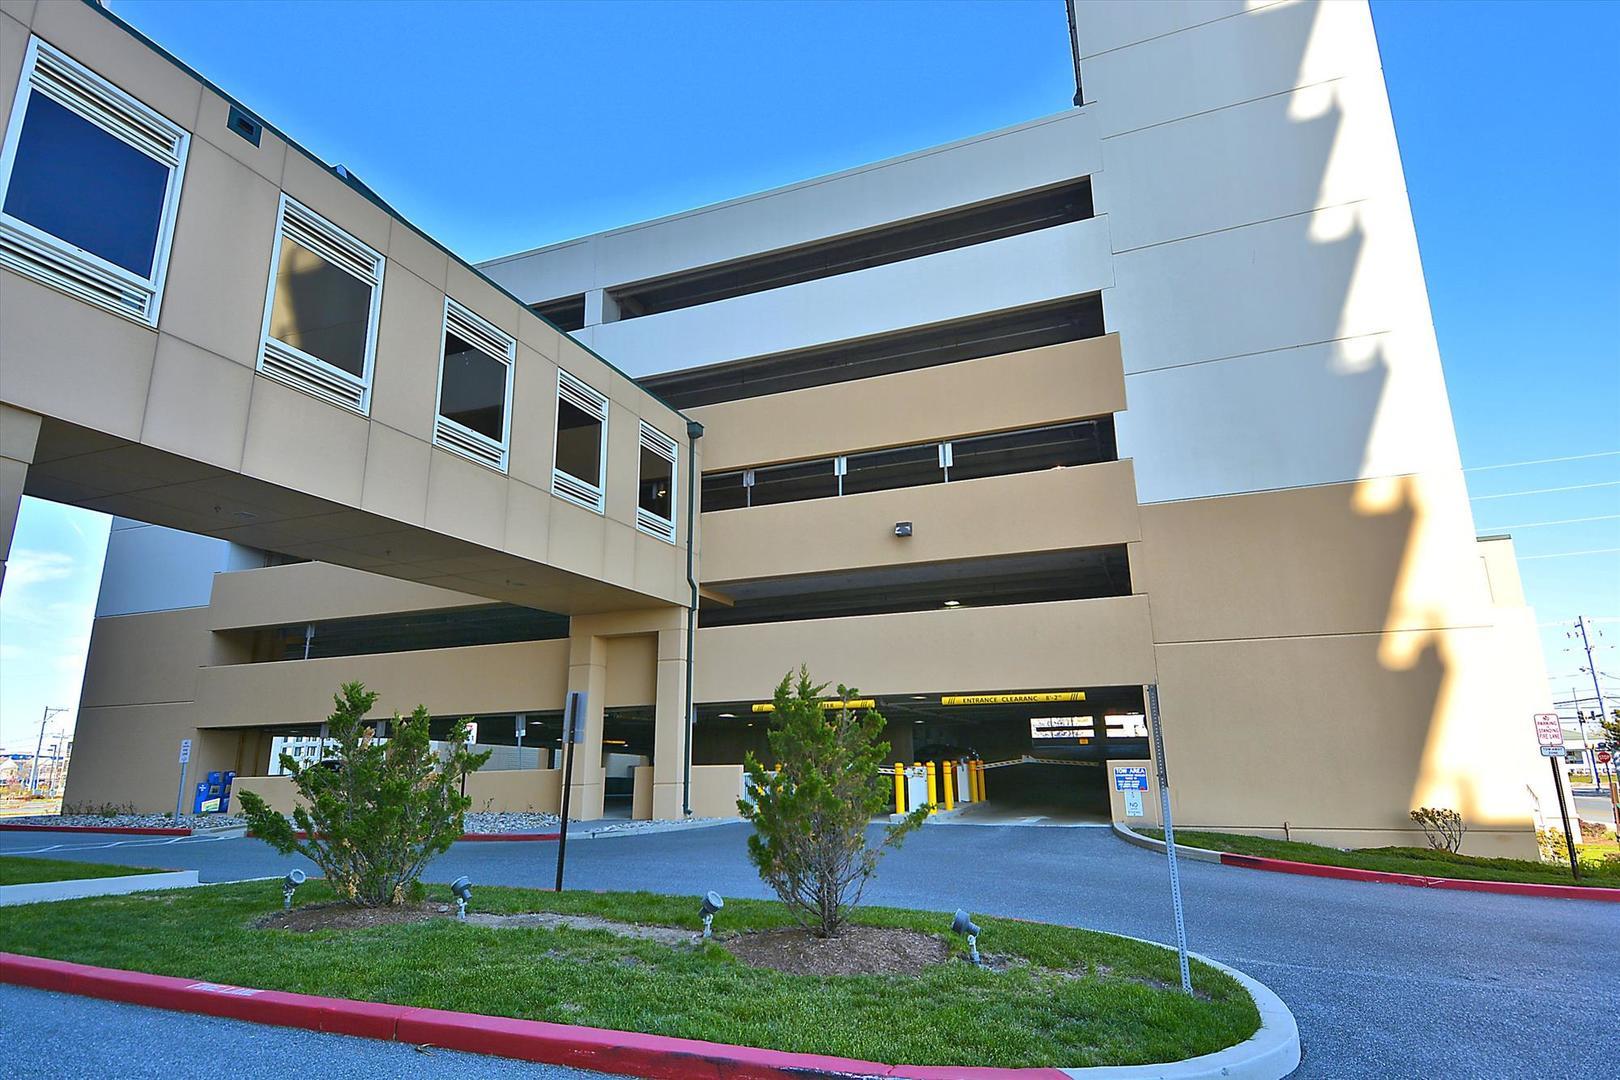 Gateway Grand Parking Garage